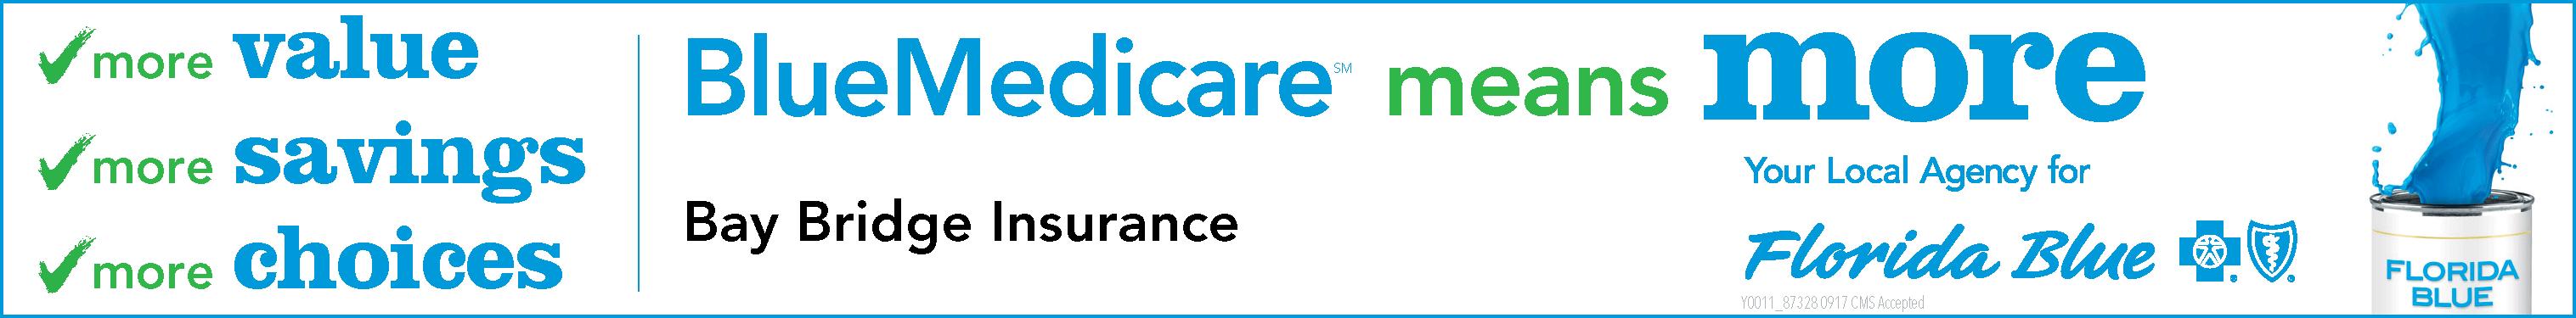 Descriptive image text